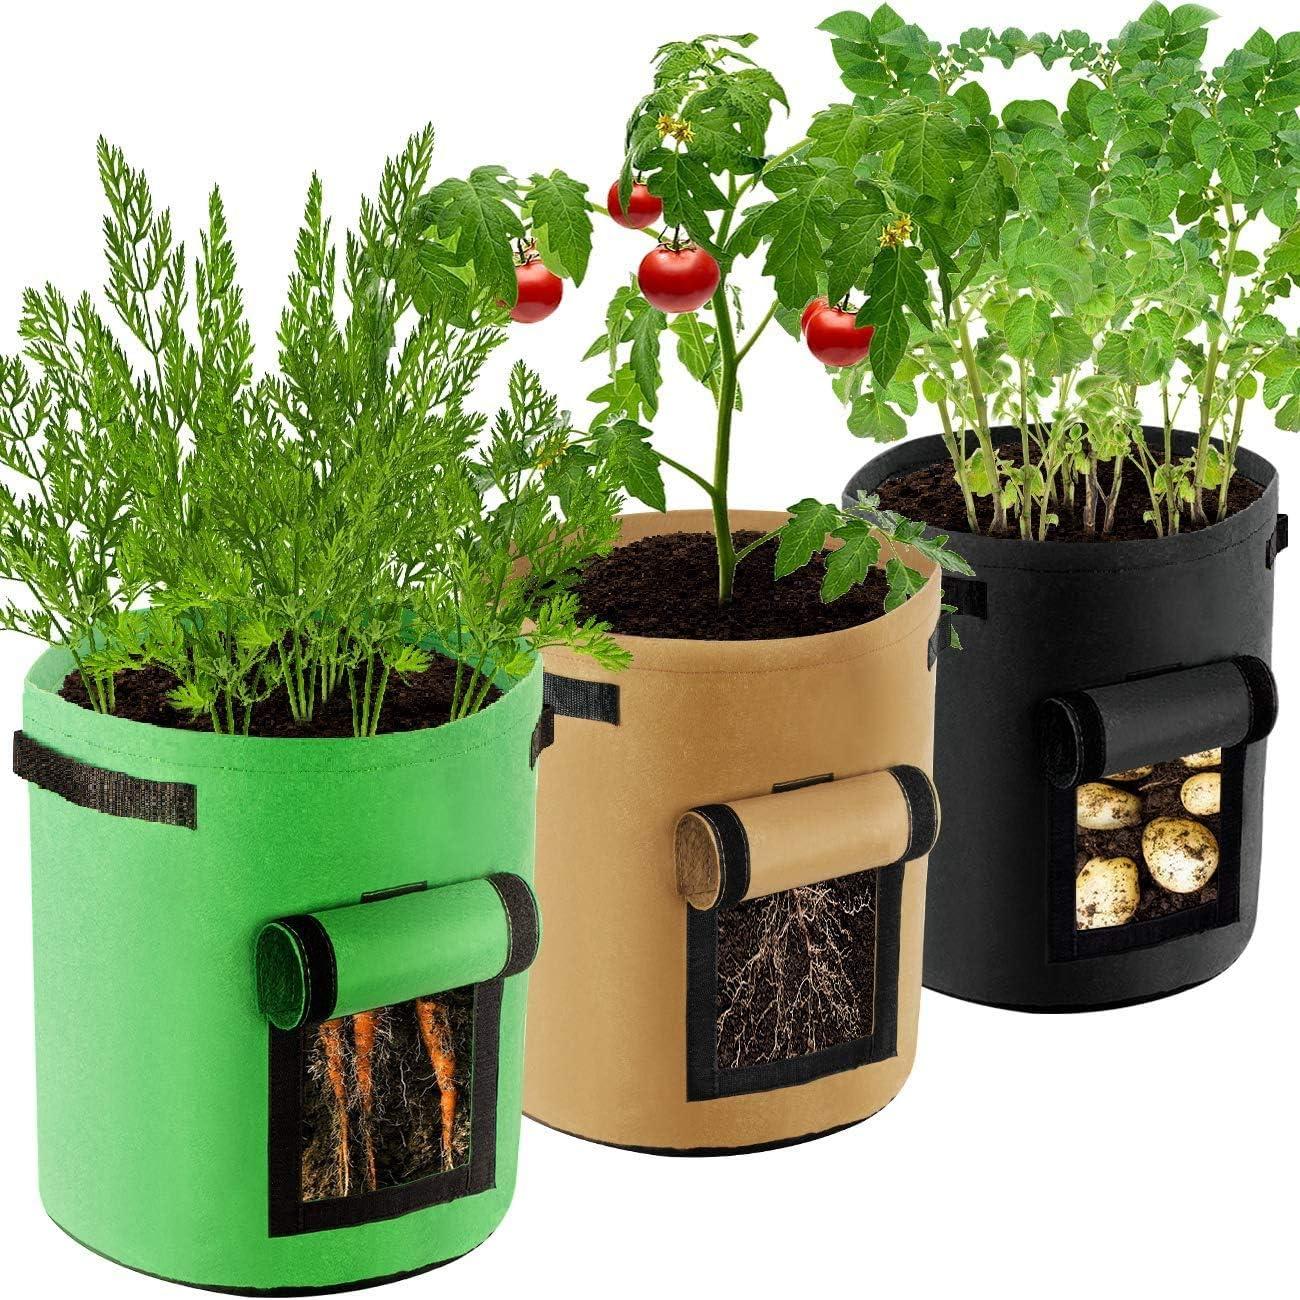 Bolsas de Cultivo de Papa-Bolsa de Cultivo de Plantas, Maceta de Cultivo de Patata, con Ventana para en Jardin para Papa, Zanahoria, Tomate y Cebolla etc (3 Pcs, 7 Galones)